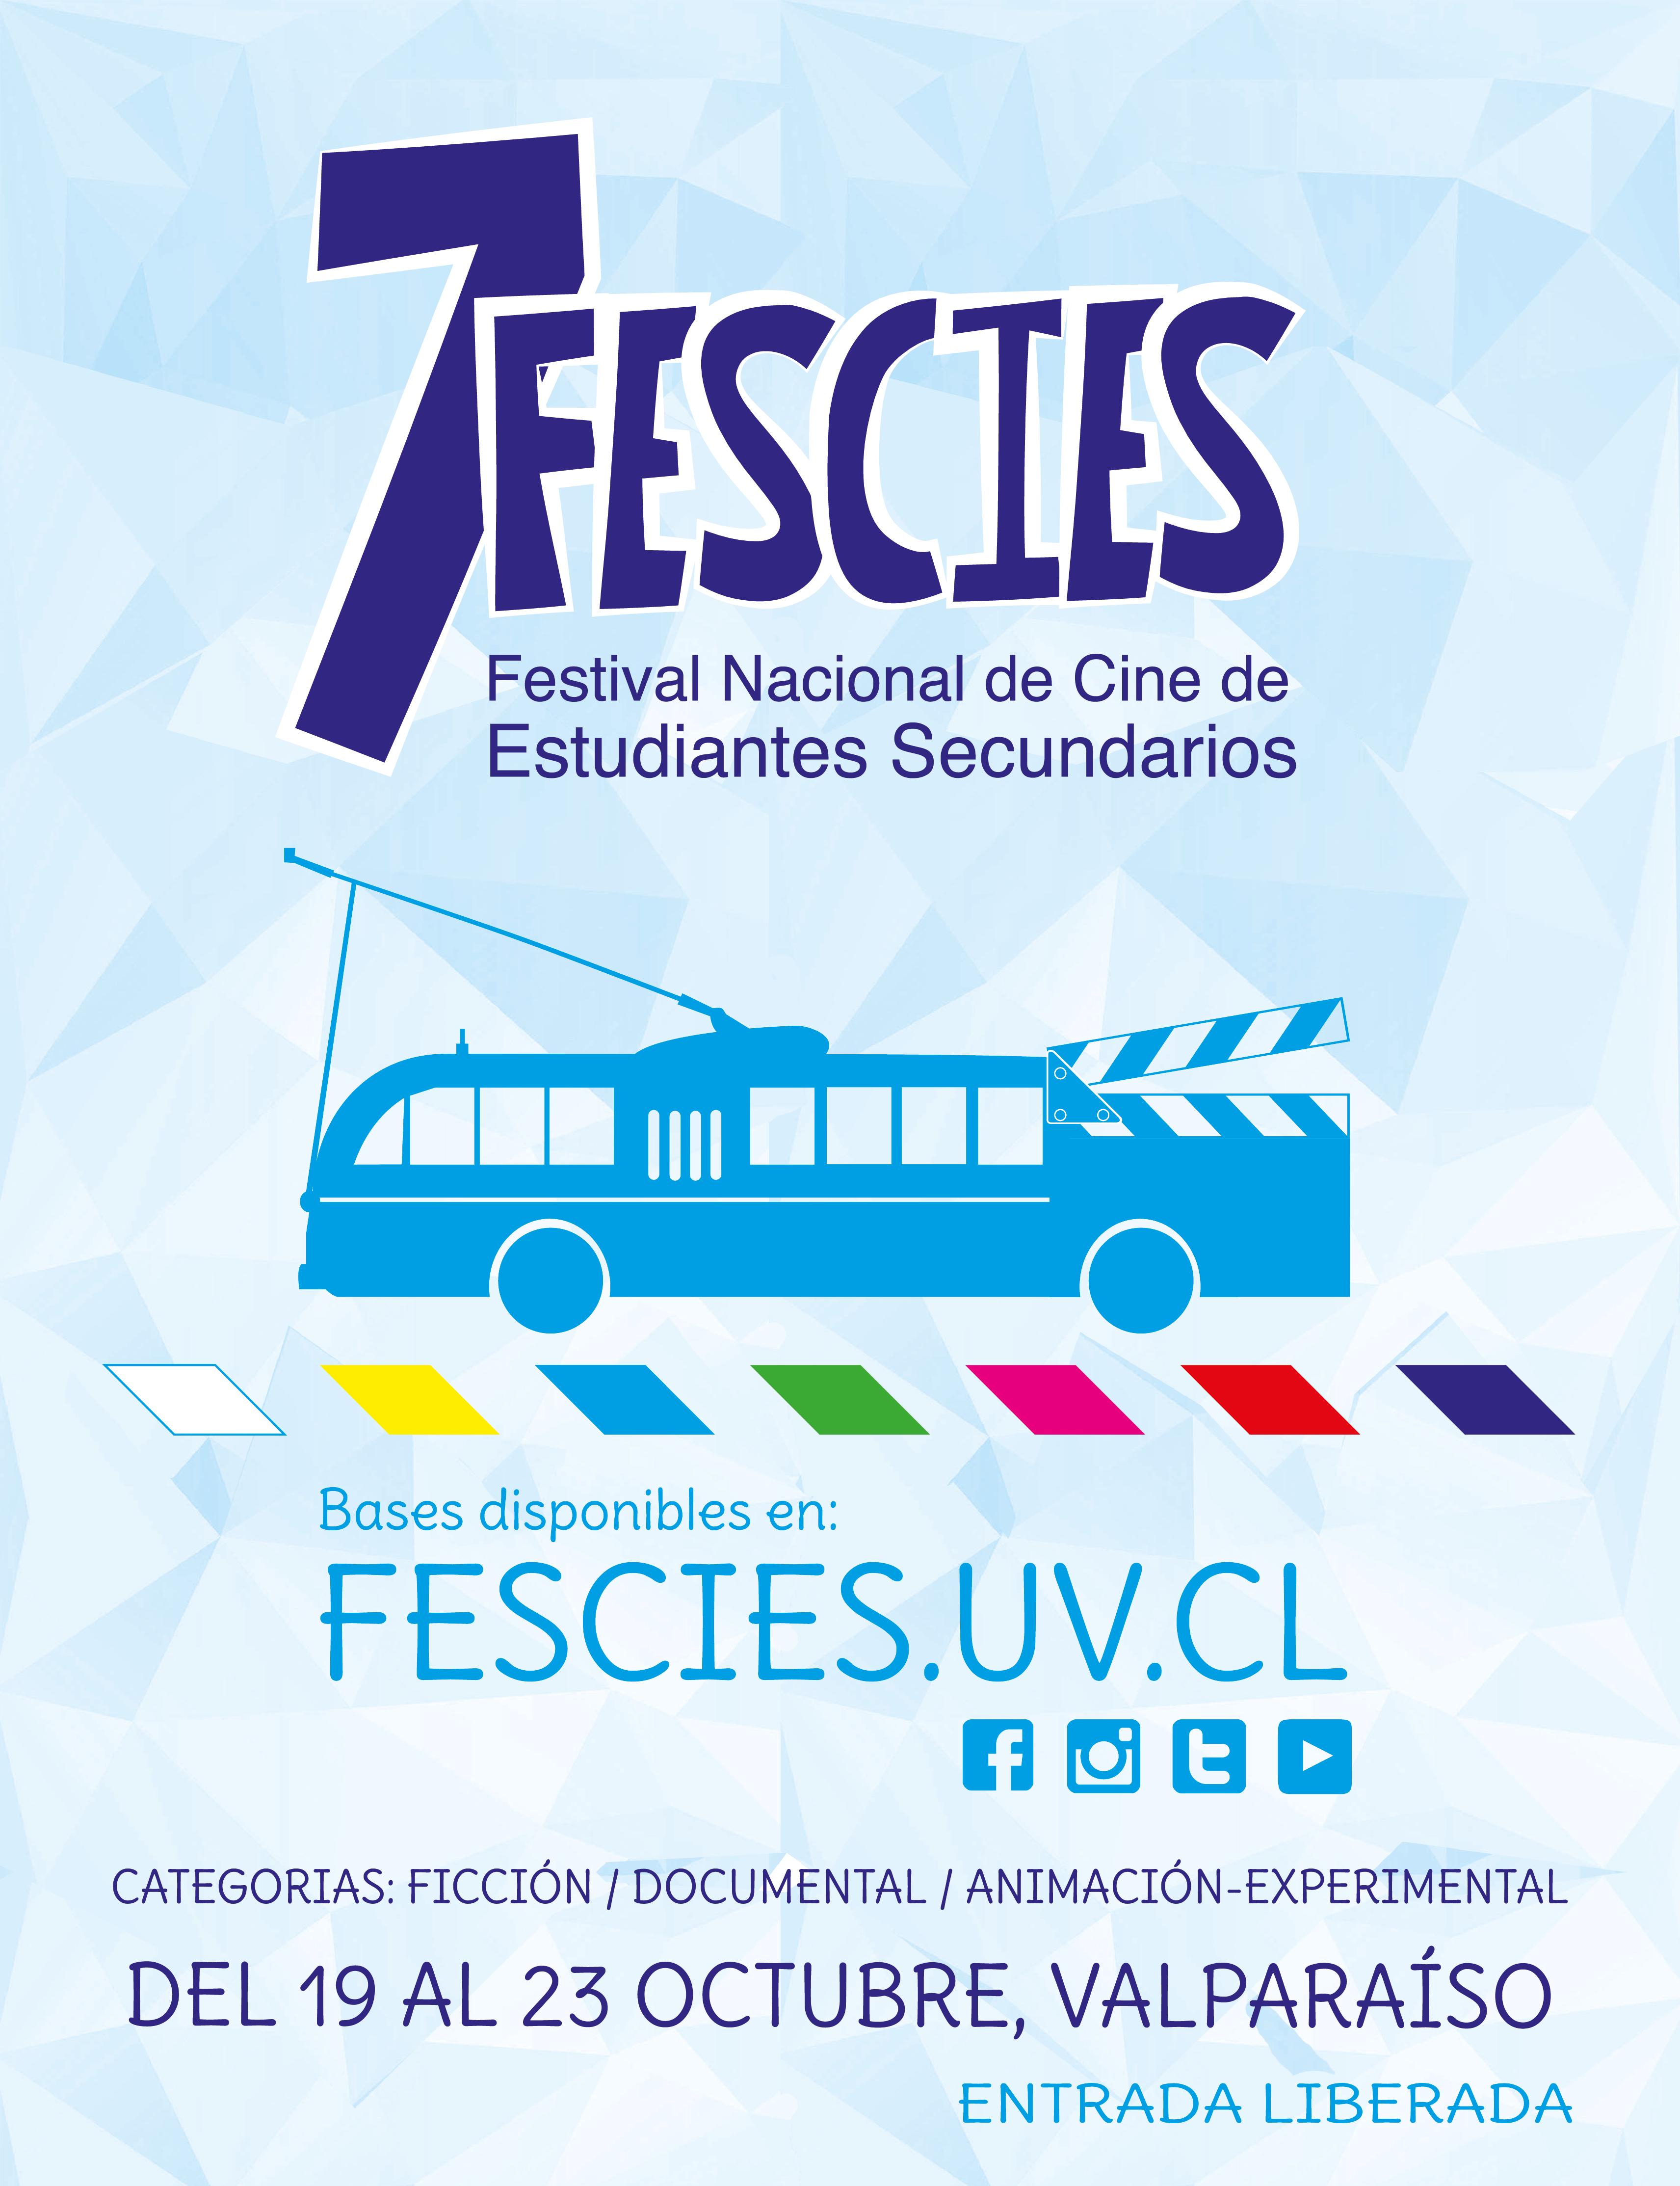 FESCIES invita a estudiantes  secundarios de Chile a participar en su 7ma versión